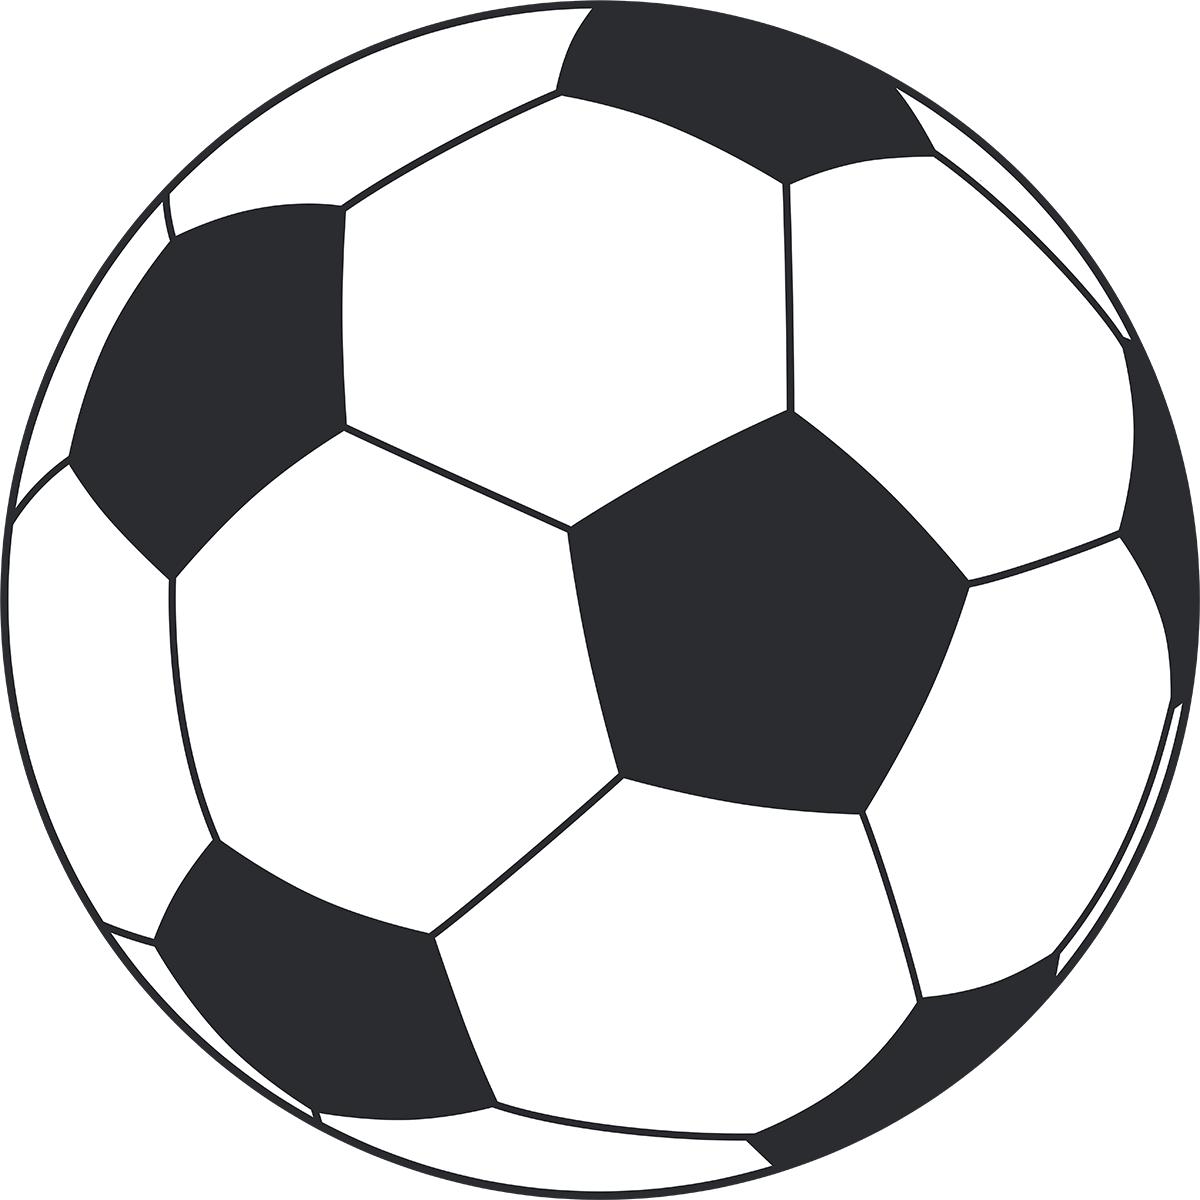 サッカーボールの無料イラスト